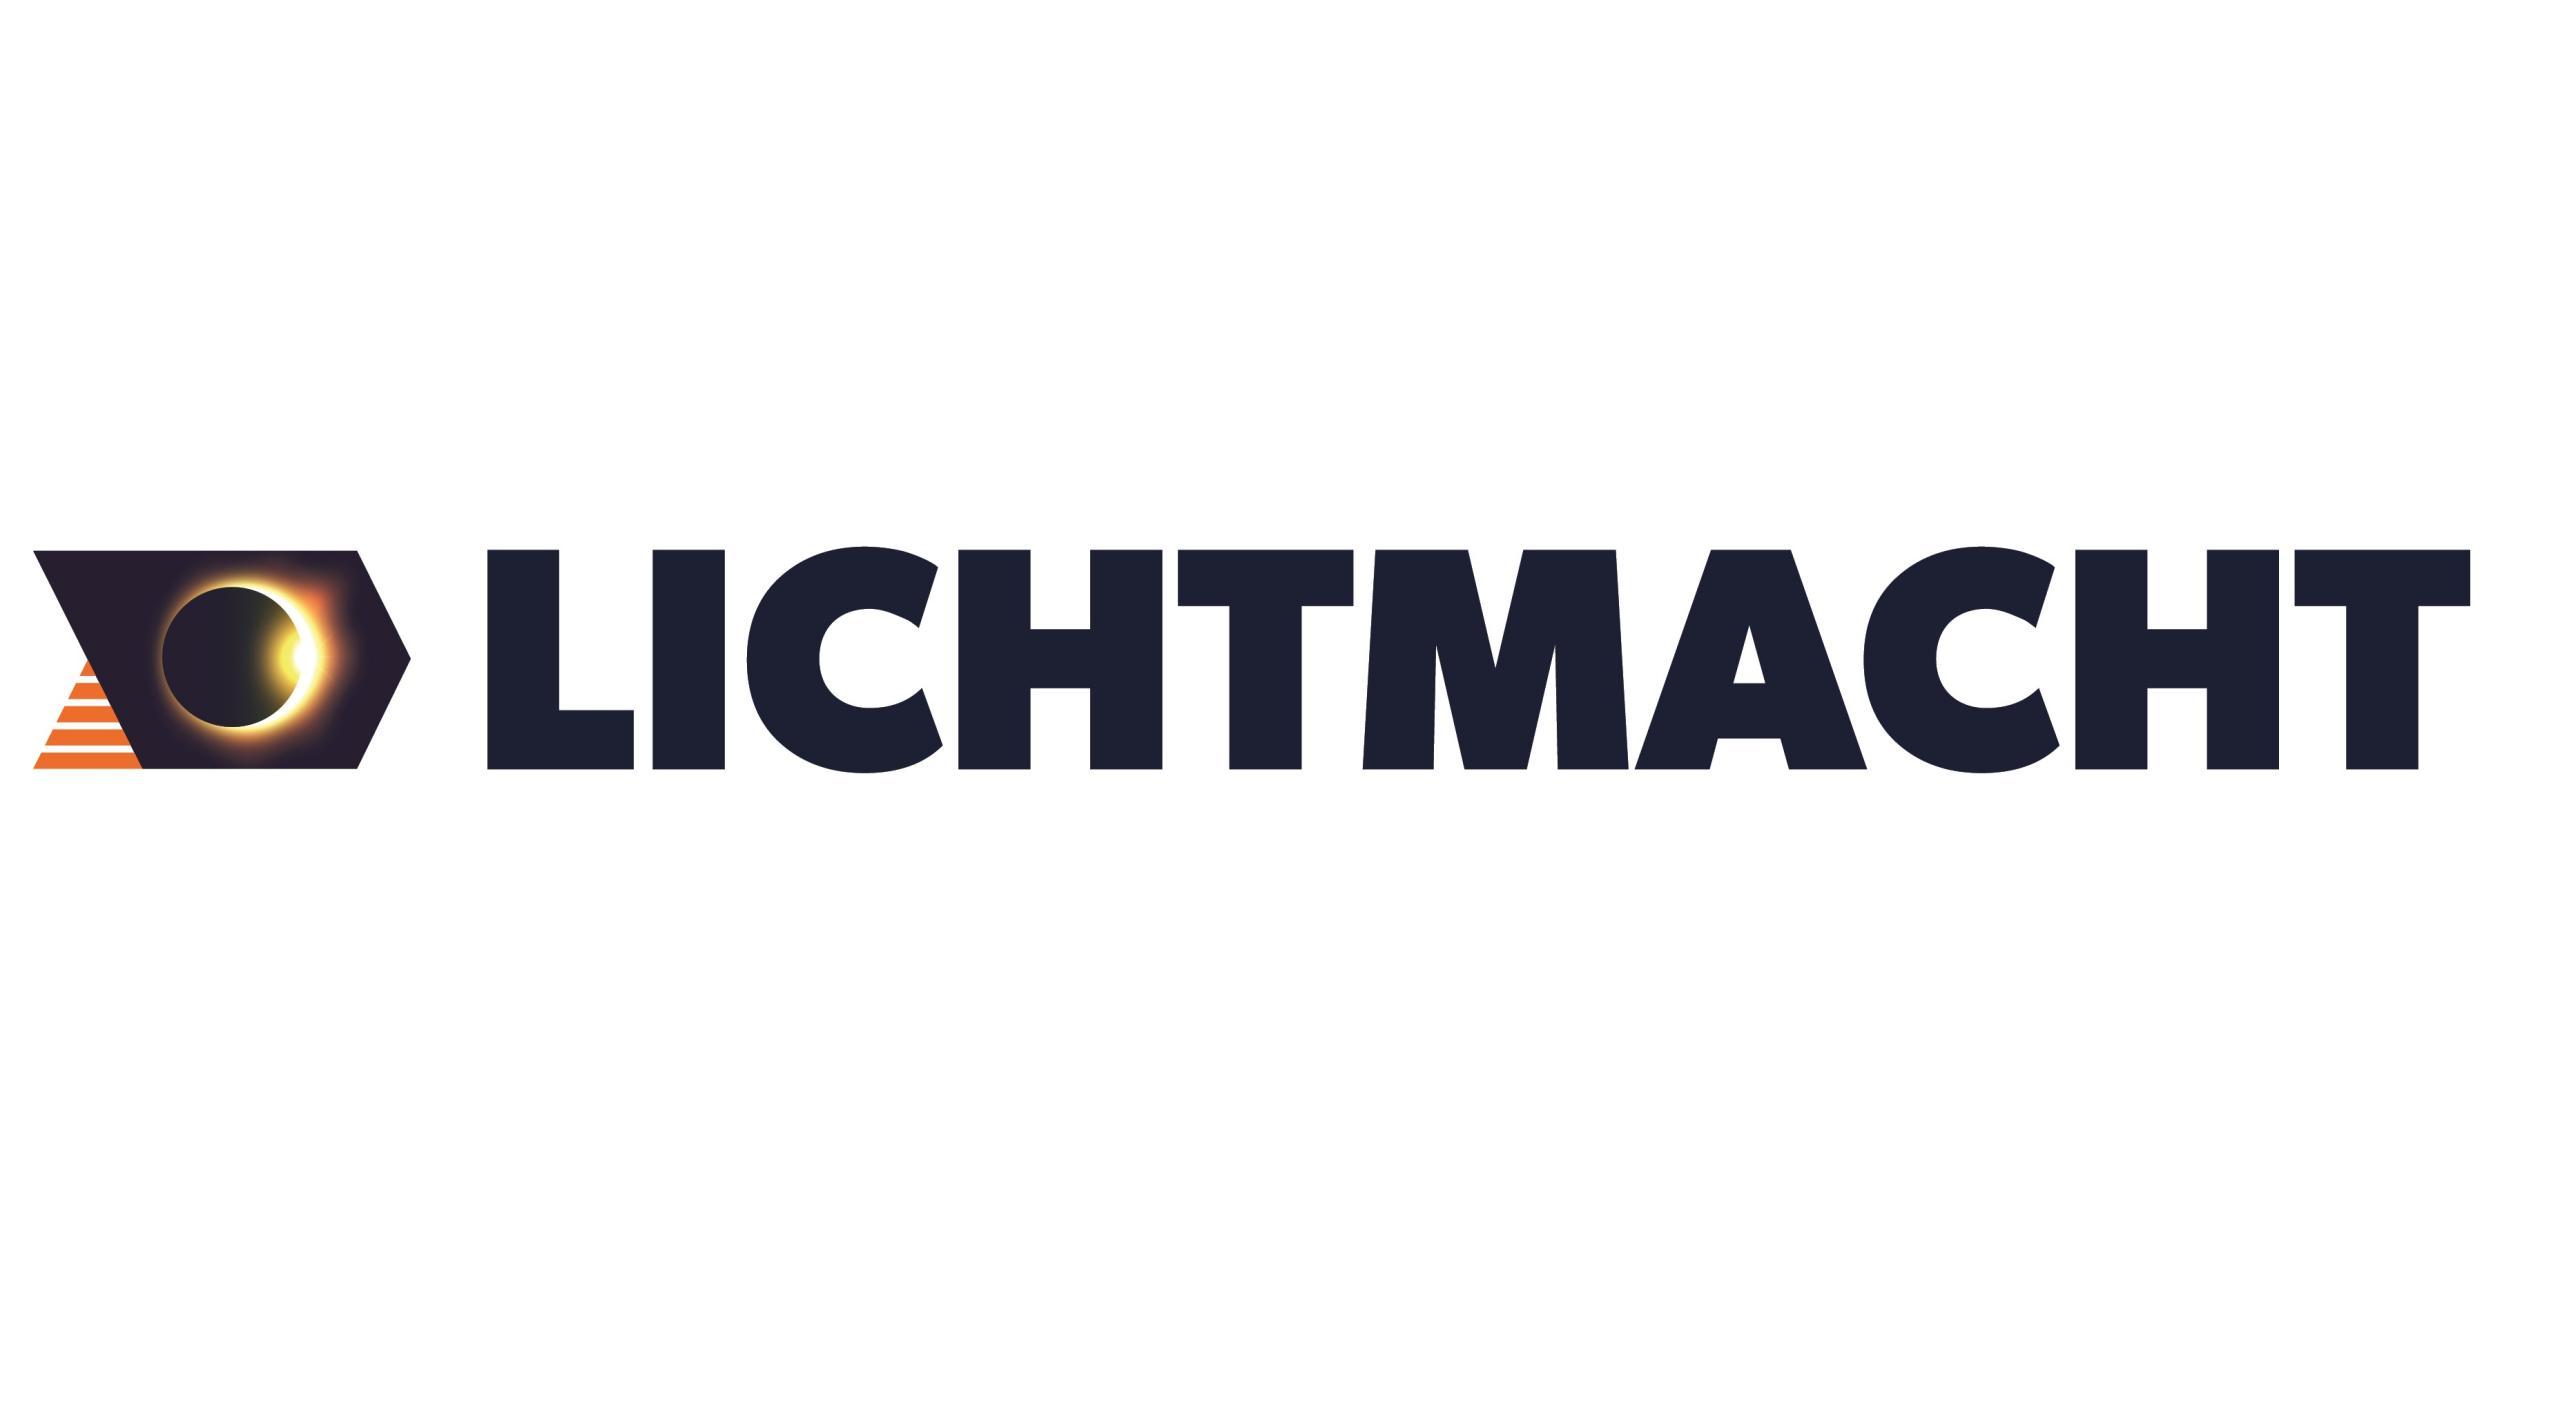 Lichtmacht